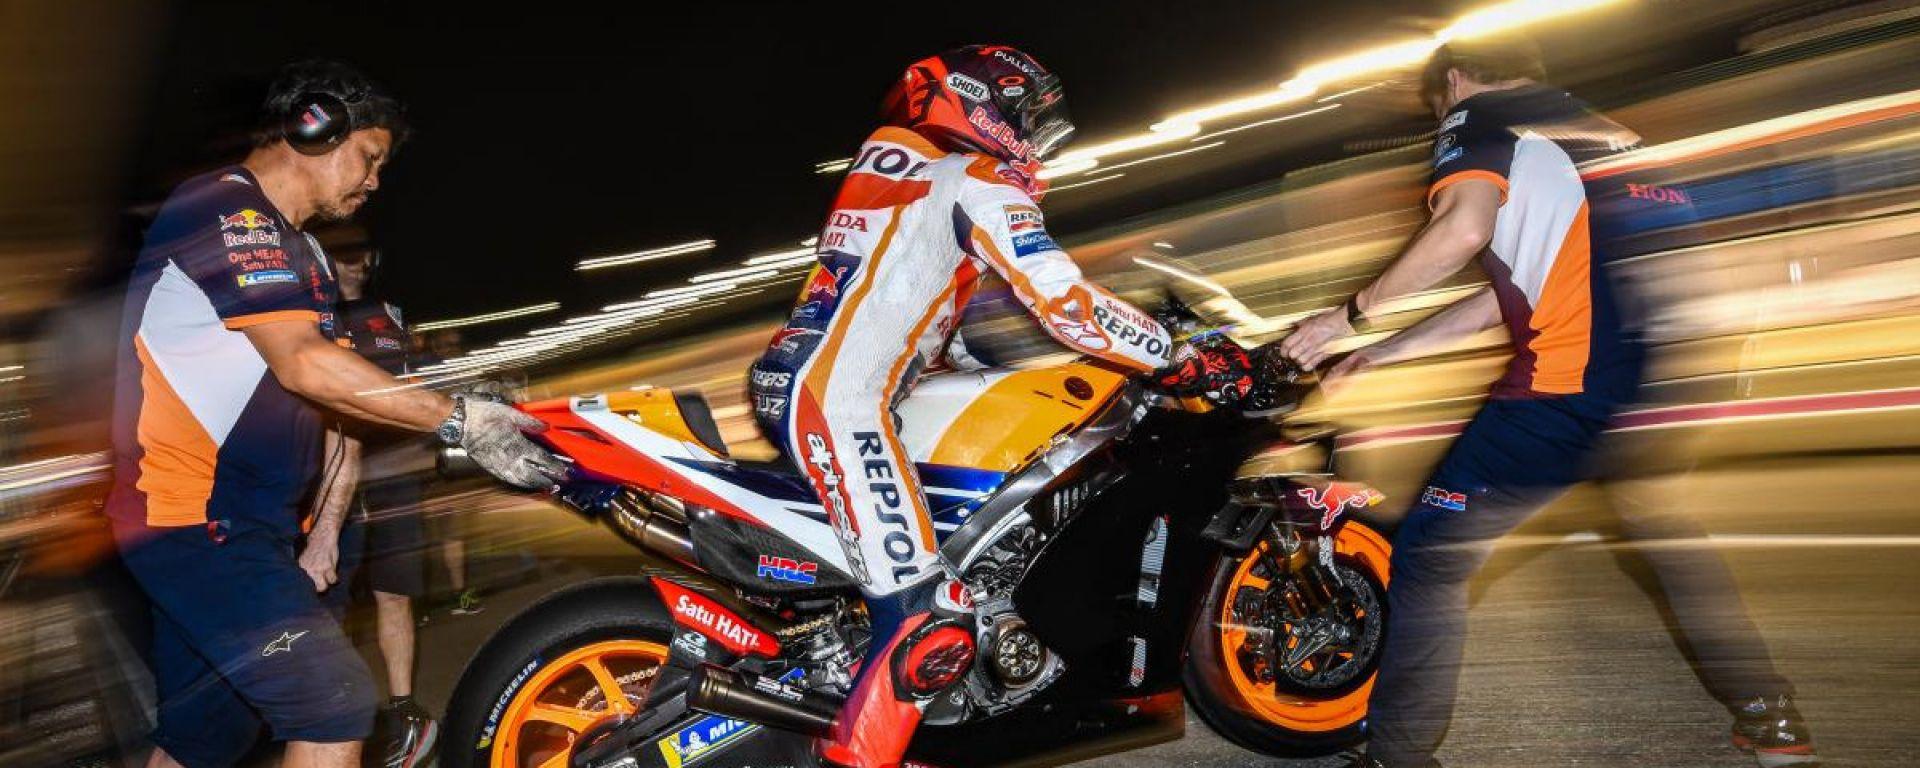 Marc Marquez (Honda) impegnato nei test MotoGP in Qatar